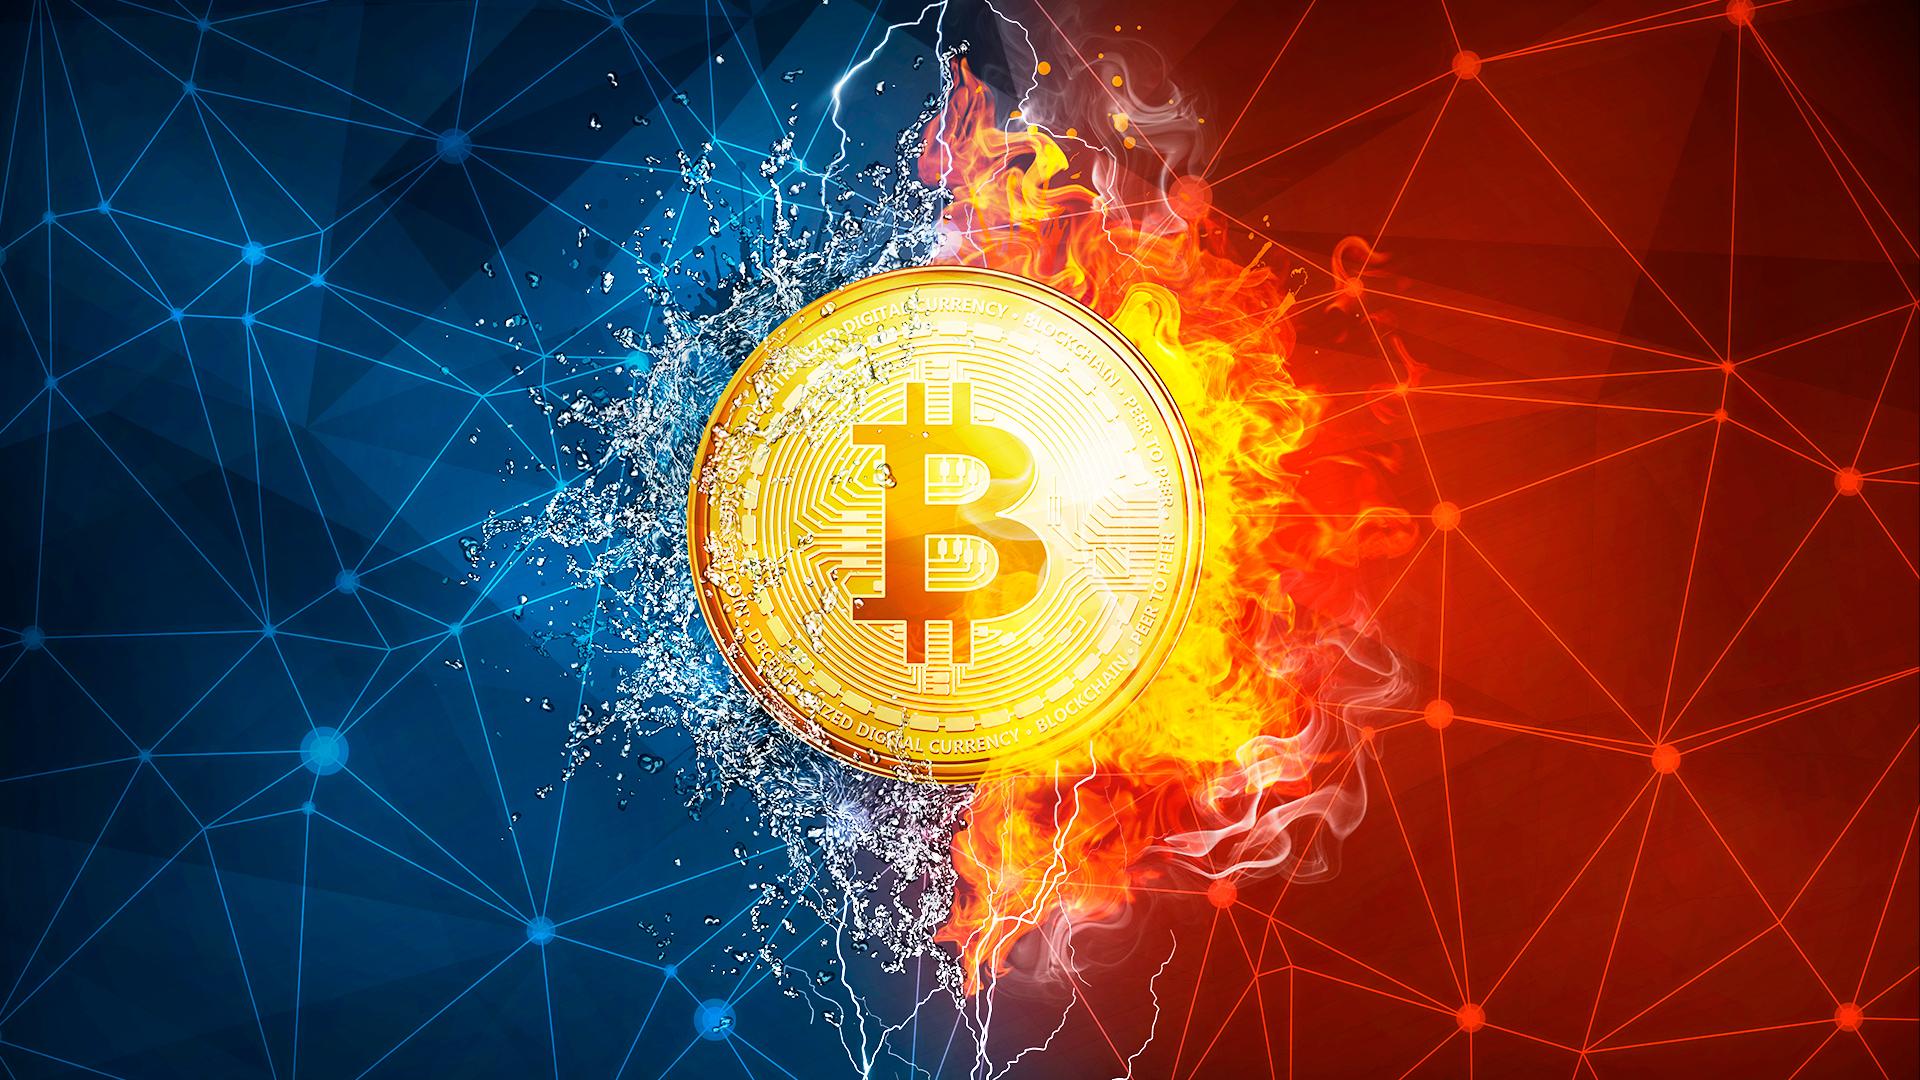 Bitcoin, Geld, Kryptowährung, Währung, Bitcoins, Crypto-Währung, Bitcoin-Börse, Wallet, virtuelle Währung, Krypto, Crypto, Cryptowährung, Münzen, Krypto-Börse, Kryptocoins, Coins, Coin, Kryptowährungen, Kryptowährungsbrieftasche, BTC, XBT, Münze, Geldstück